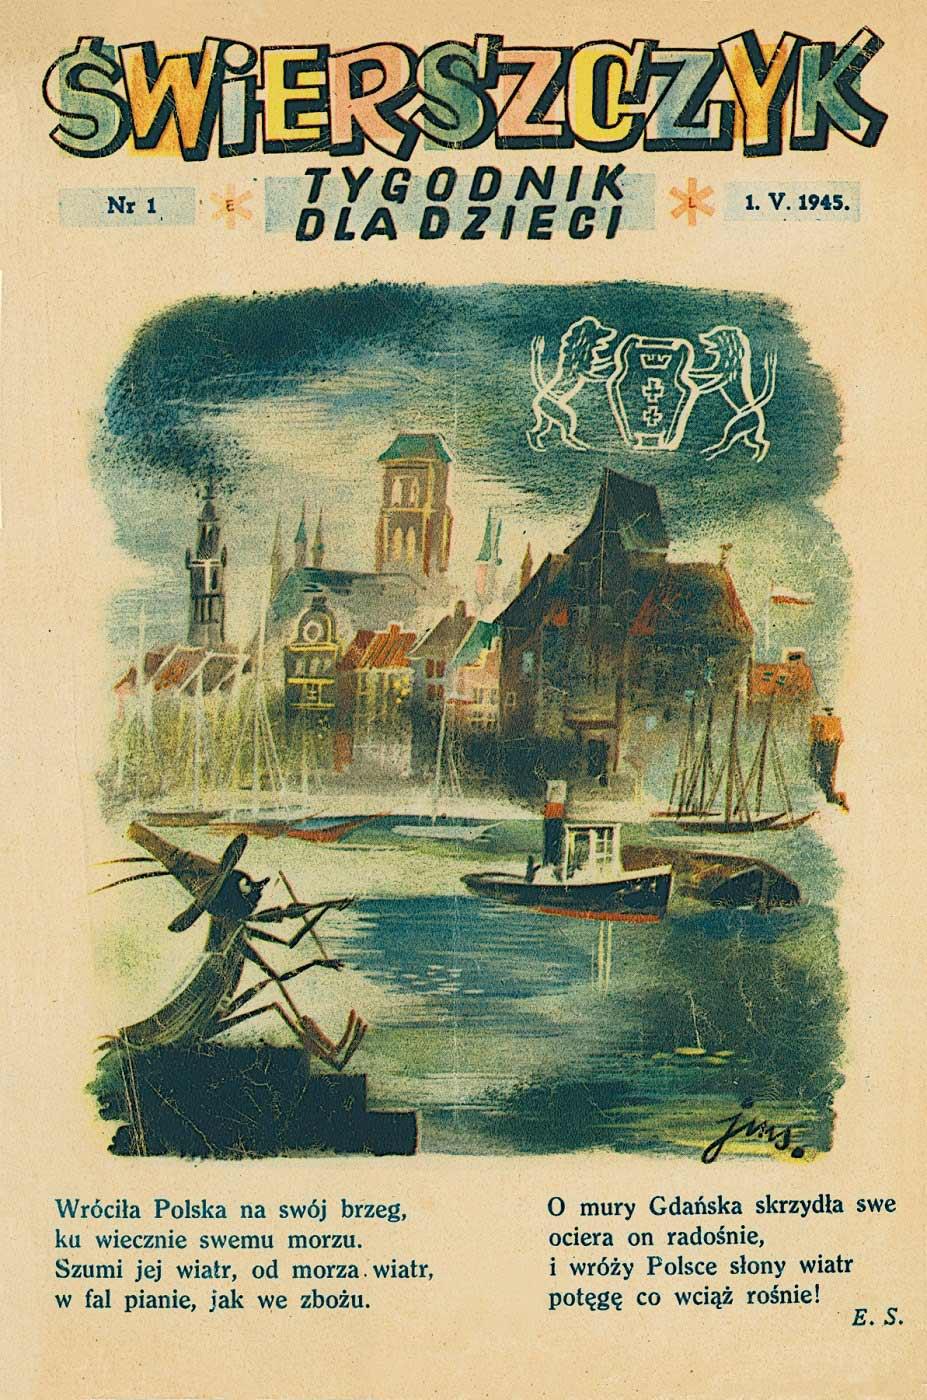 """Okładka magazynu """"Świerszczyk"""" nr 1, 1945 rok"""